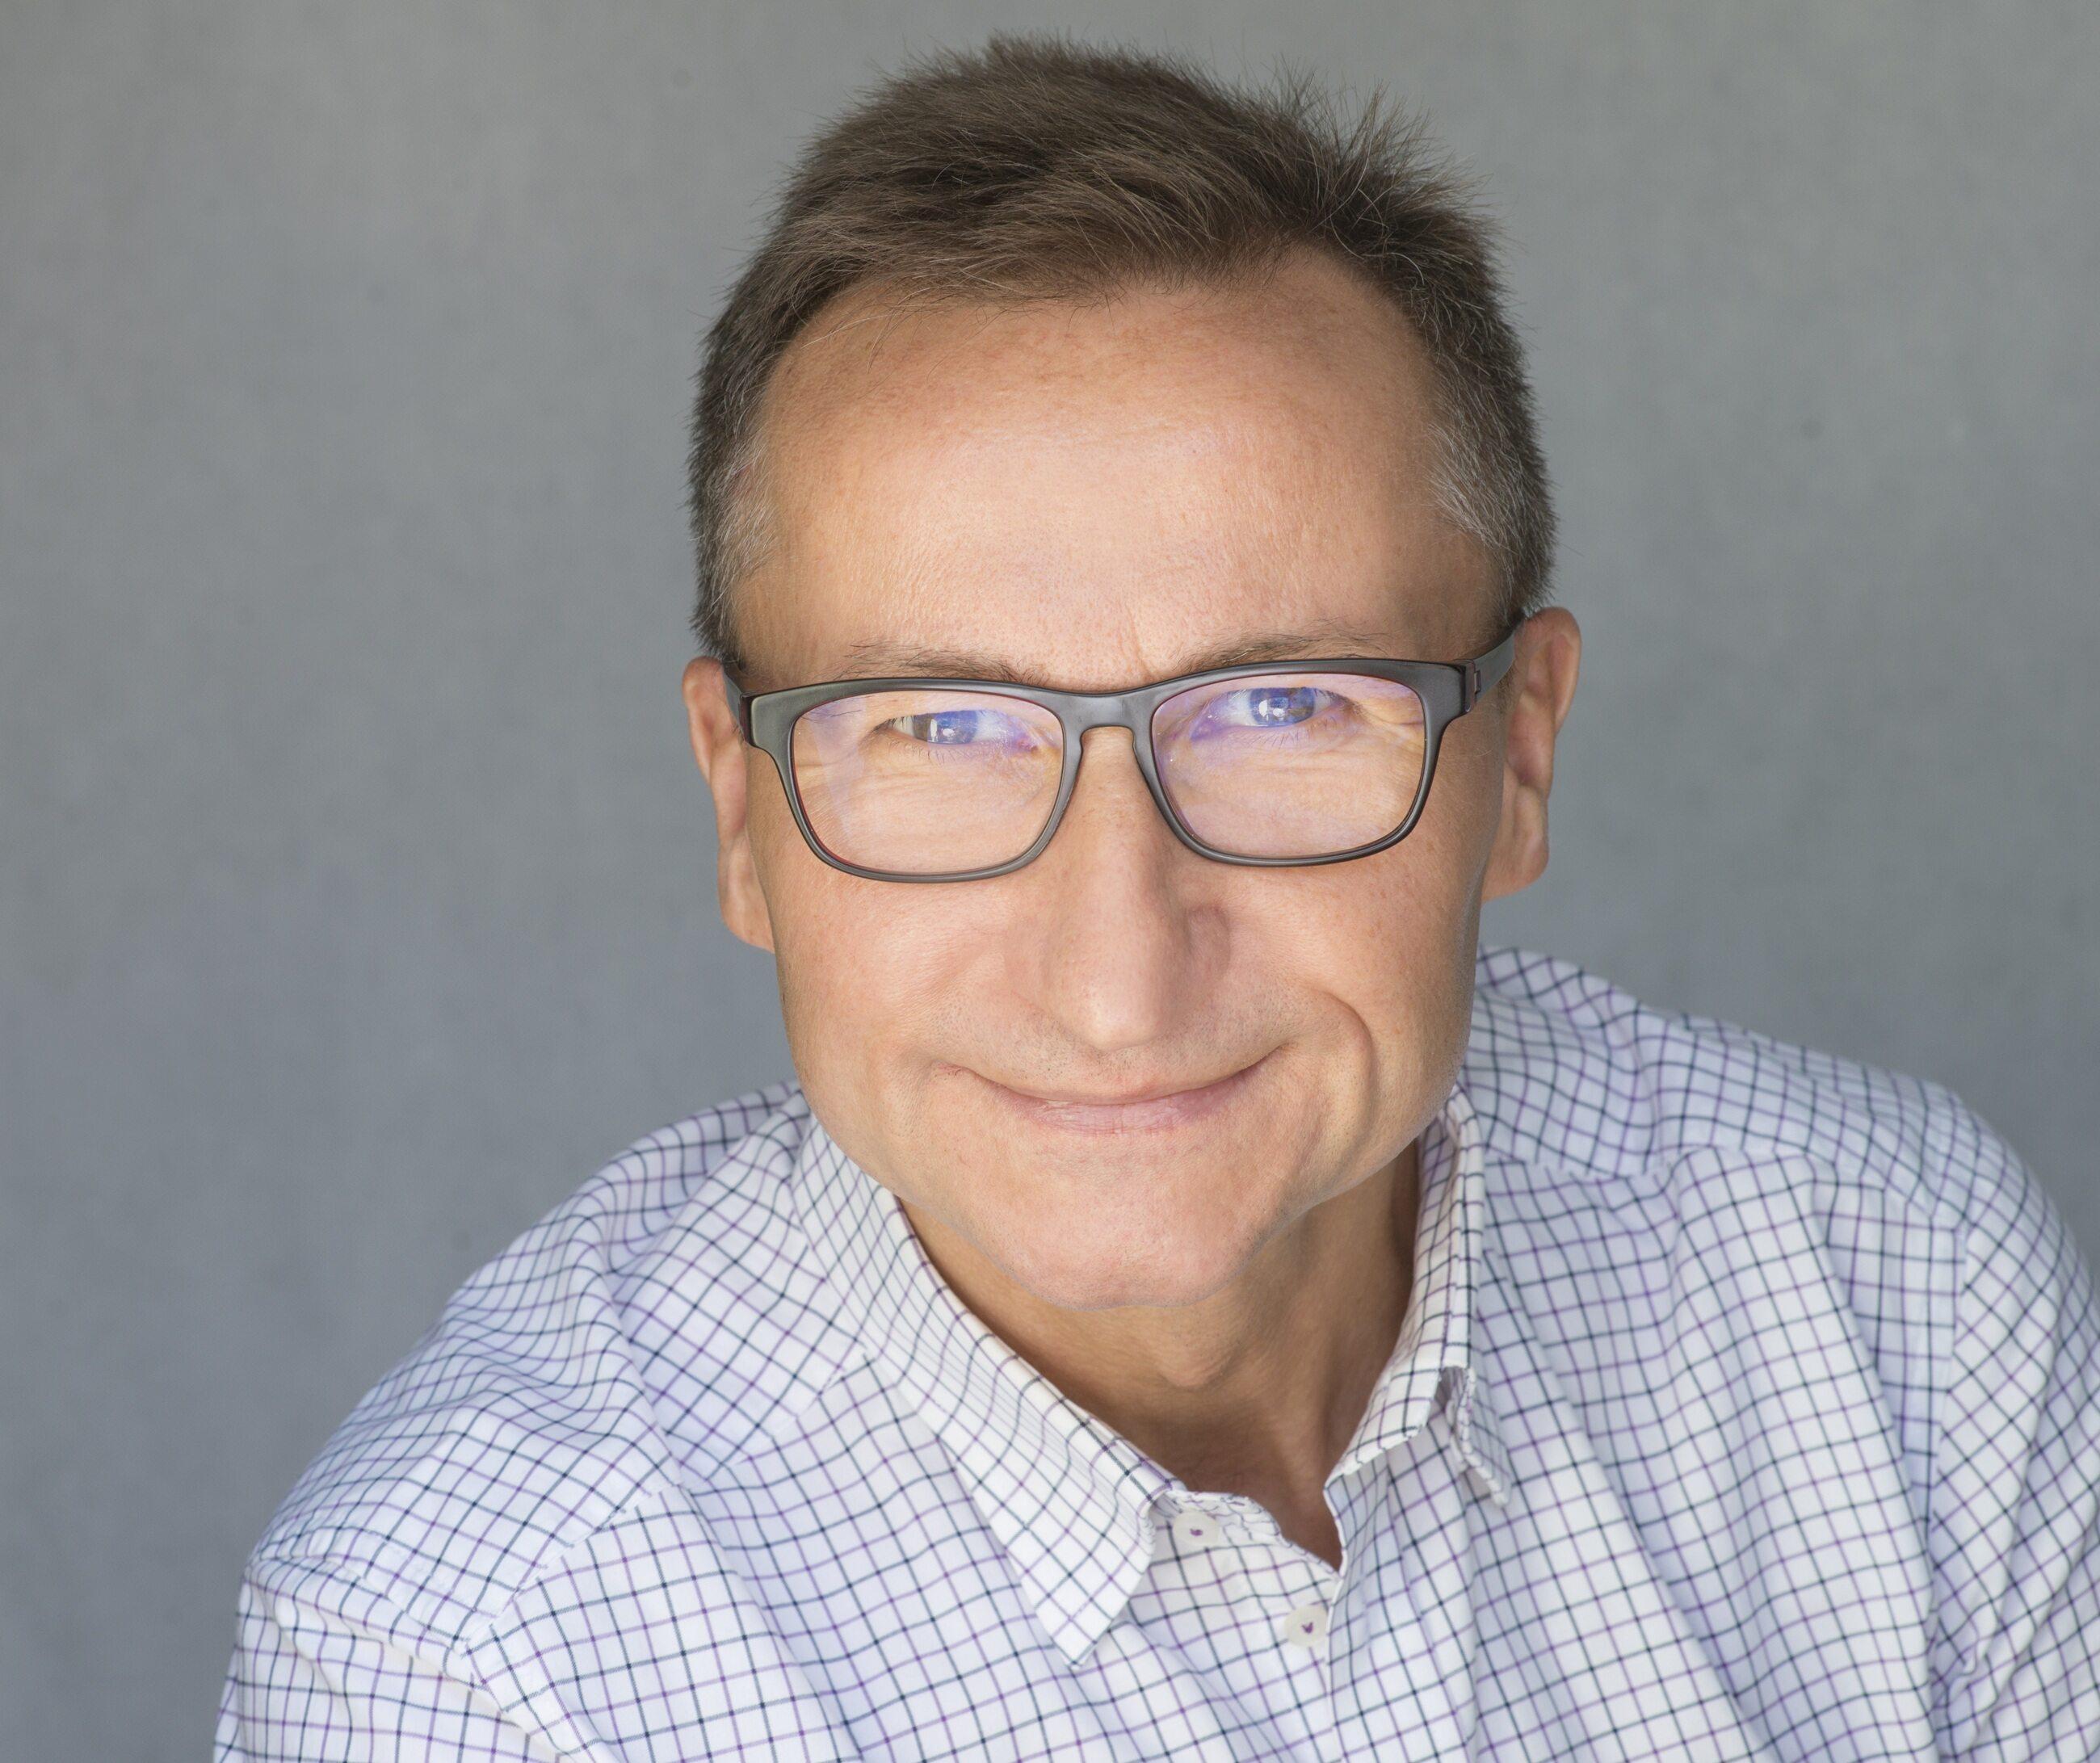 Robert Buszta